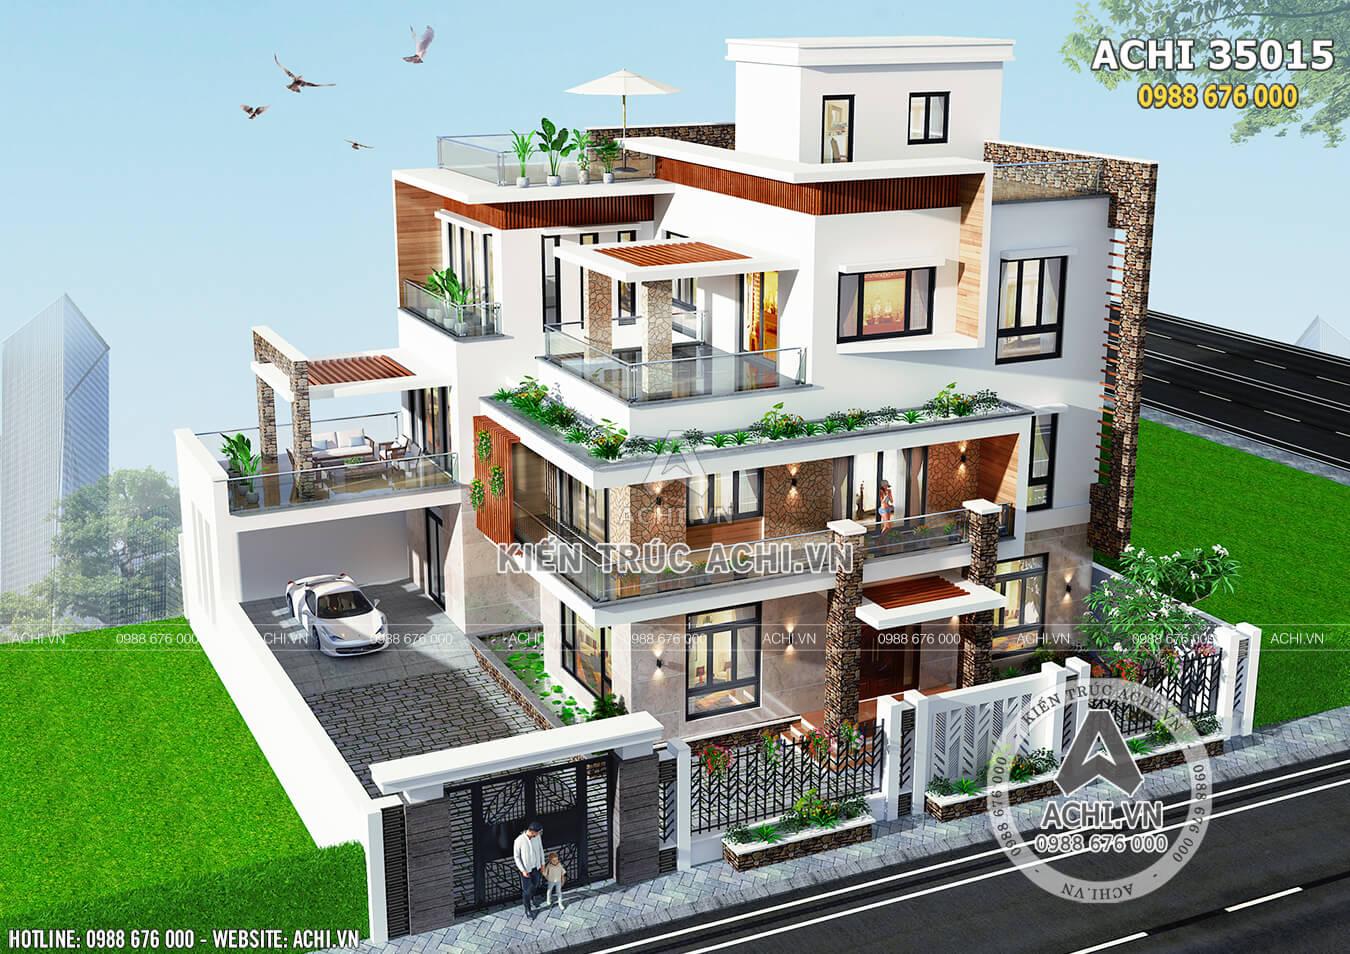 Hút mắt với những mẫu nhà 3 tầng hiện đại sang trọng